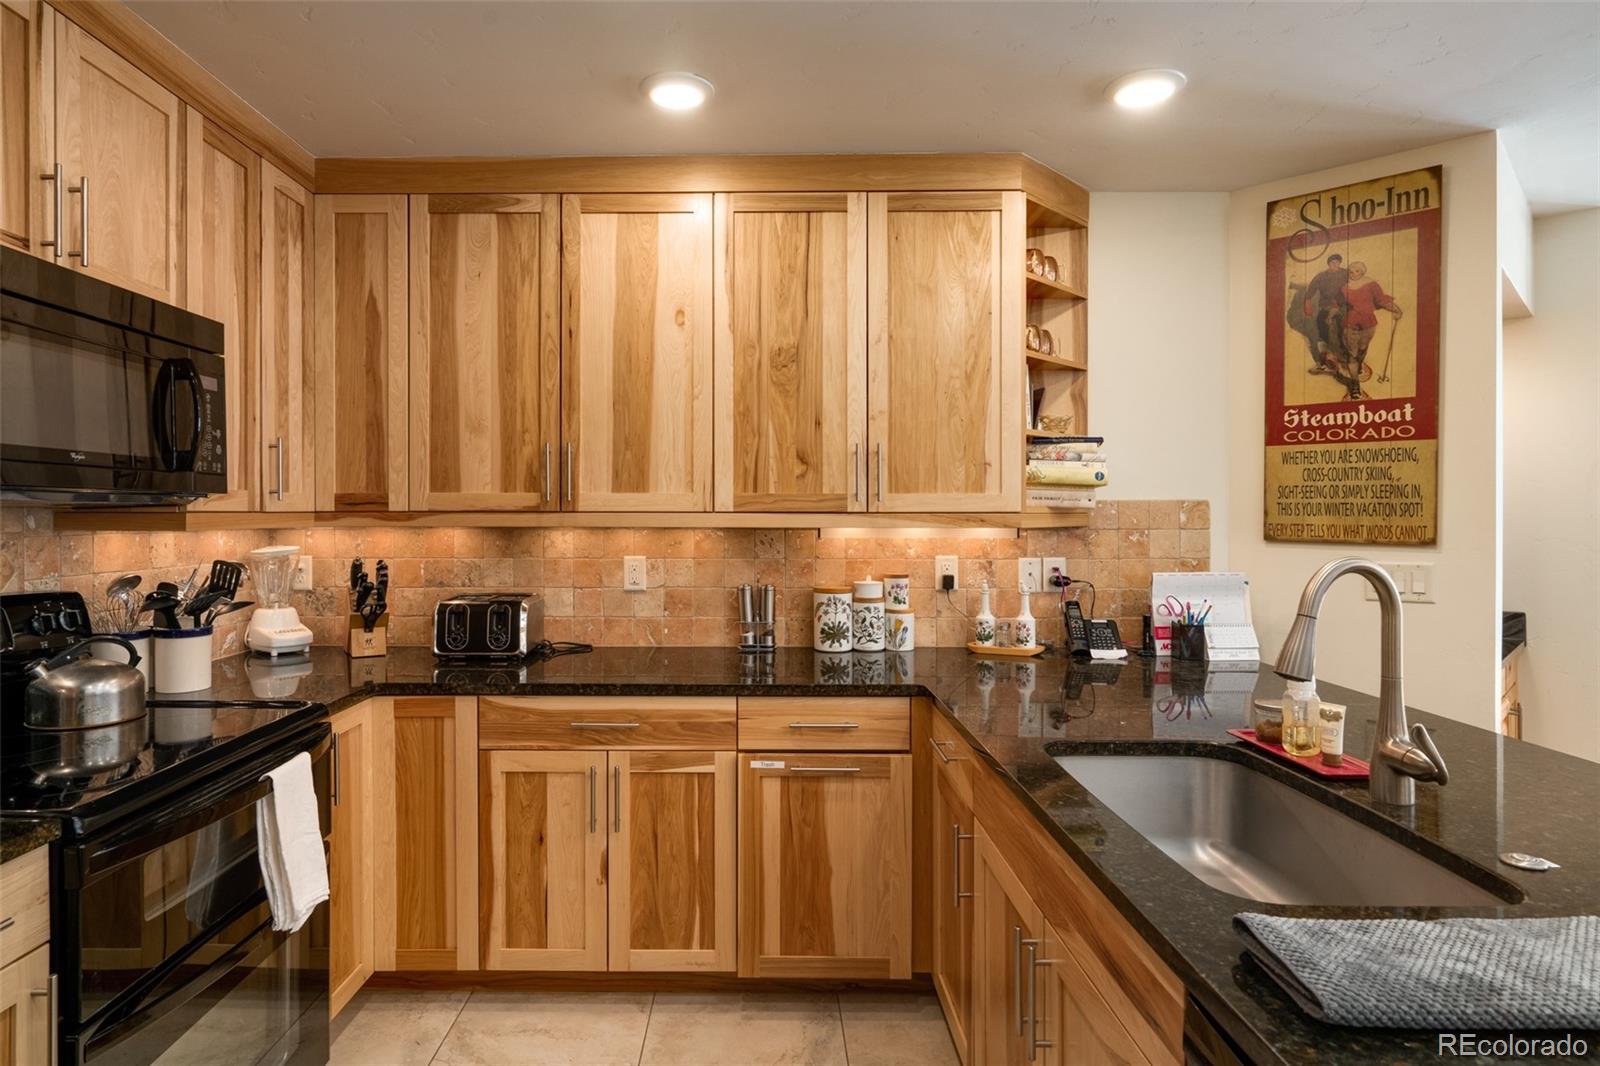 MLS# 1828561 - 11 - 2800 Eagleridge Drive #B-2, Steamboat Springs, CO 80487